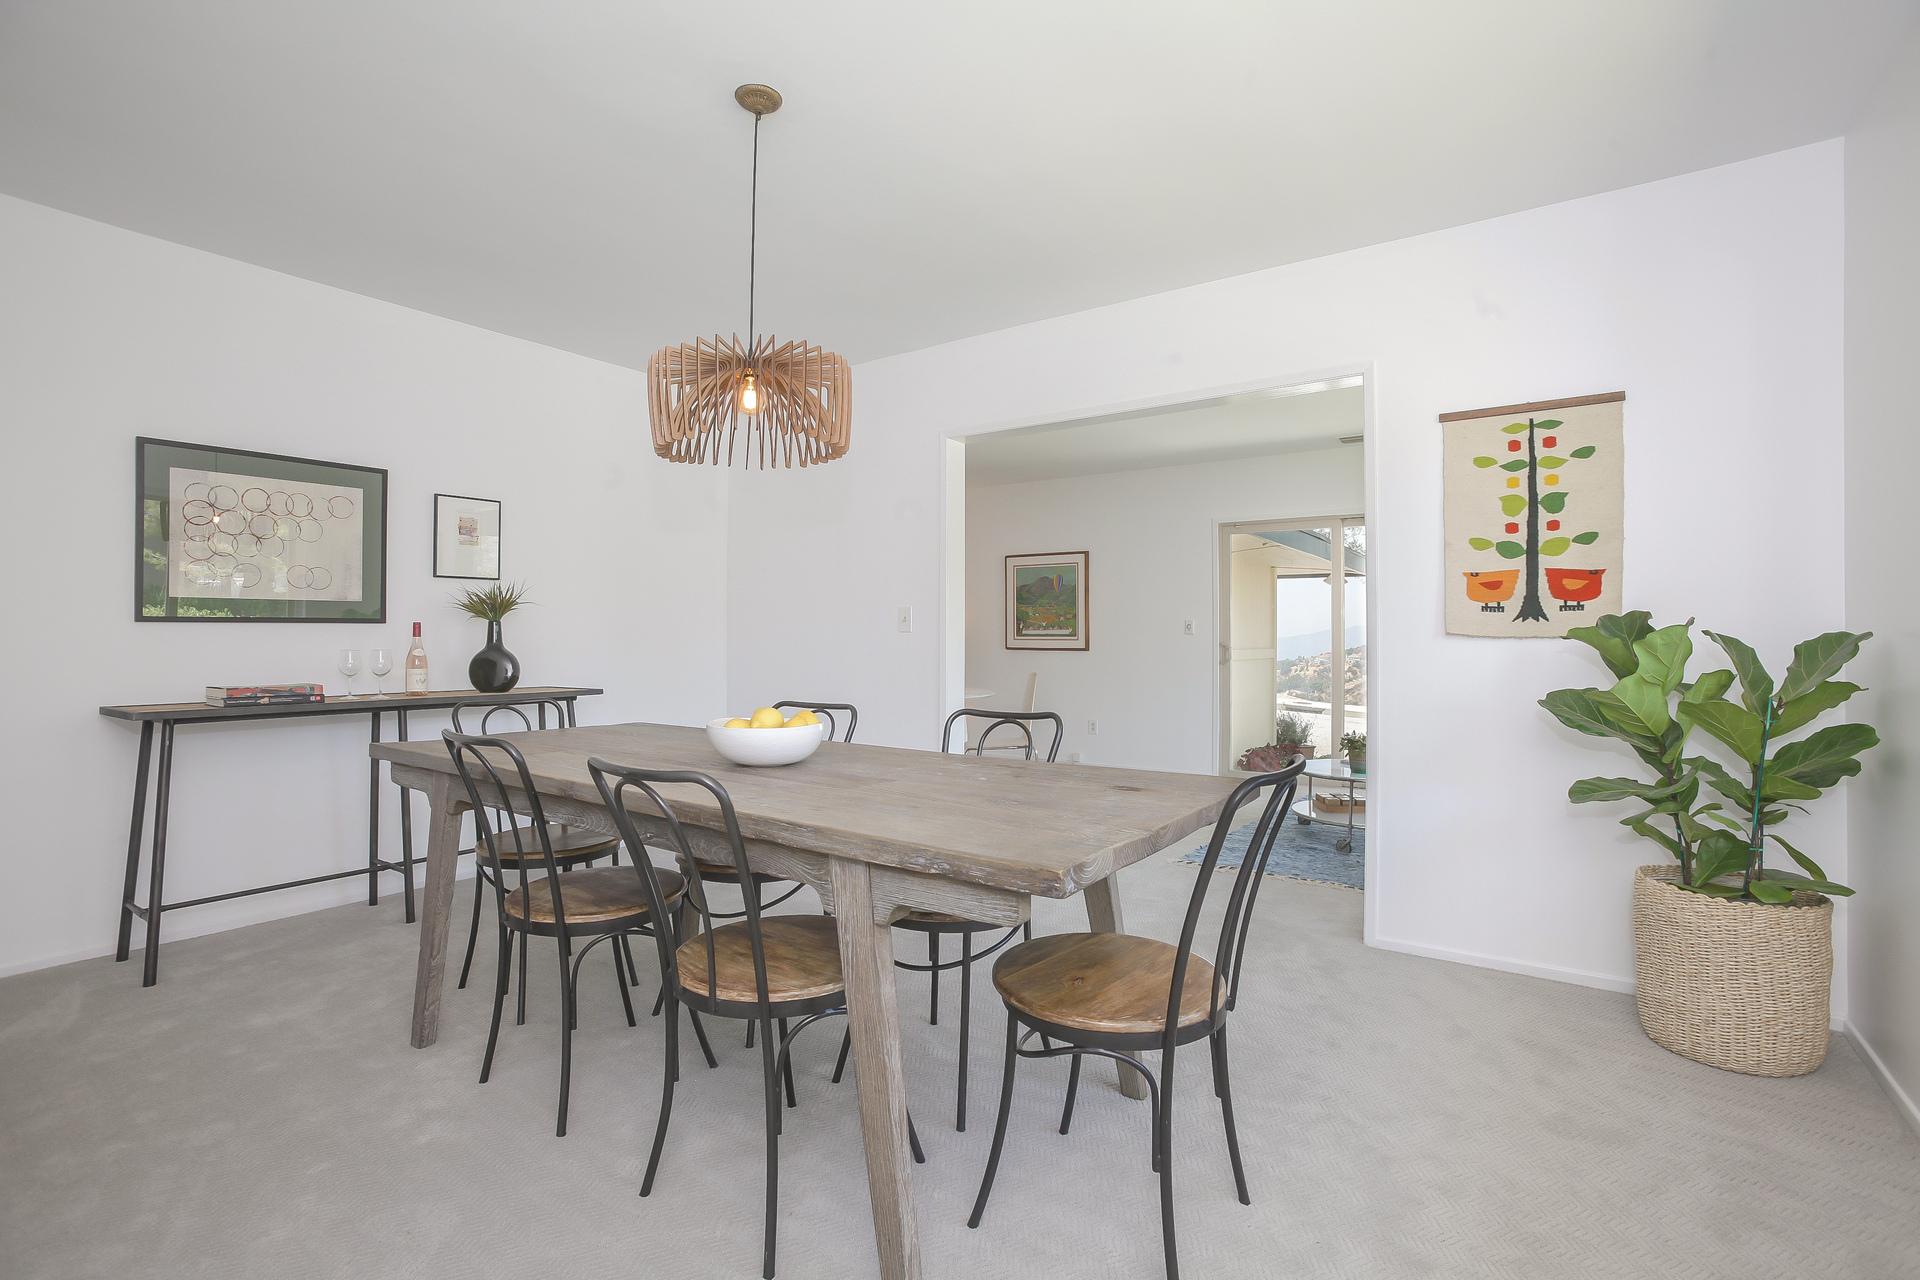 012-Dining_Room-4443088-medium.jpg